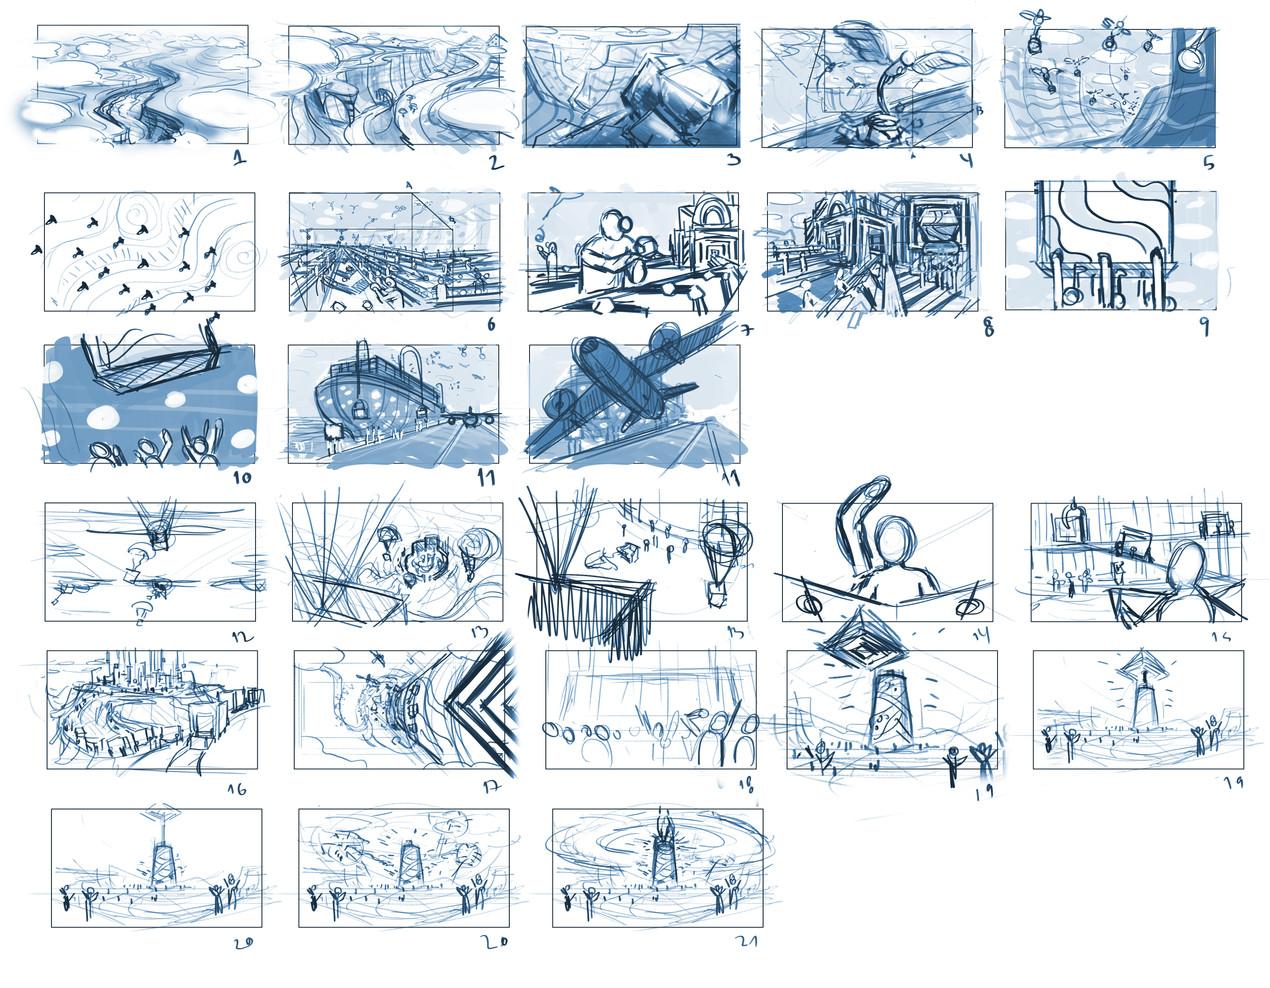 skii_storyboard_01.jpg